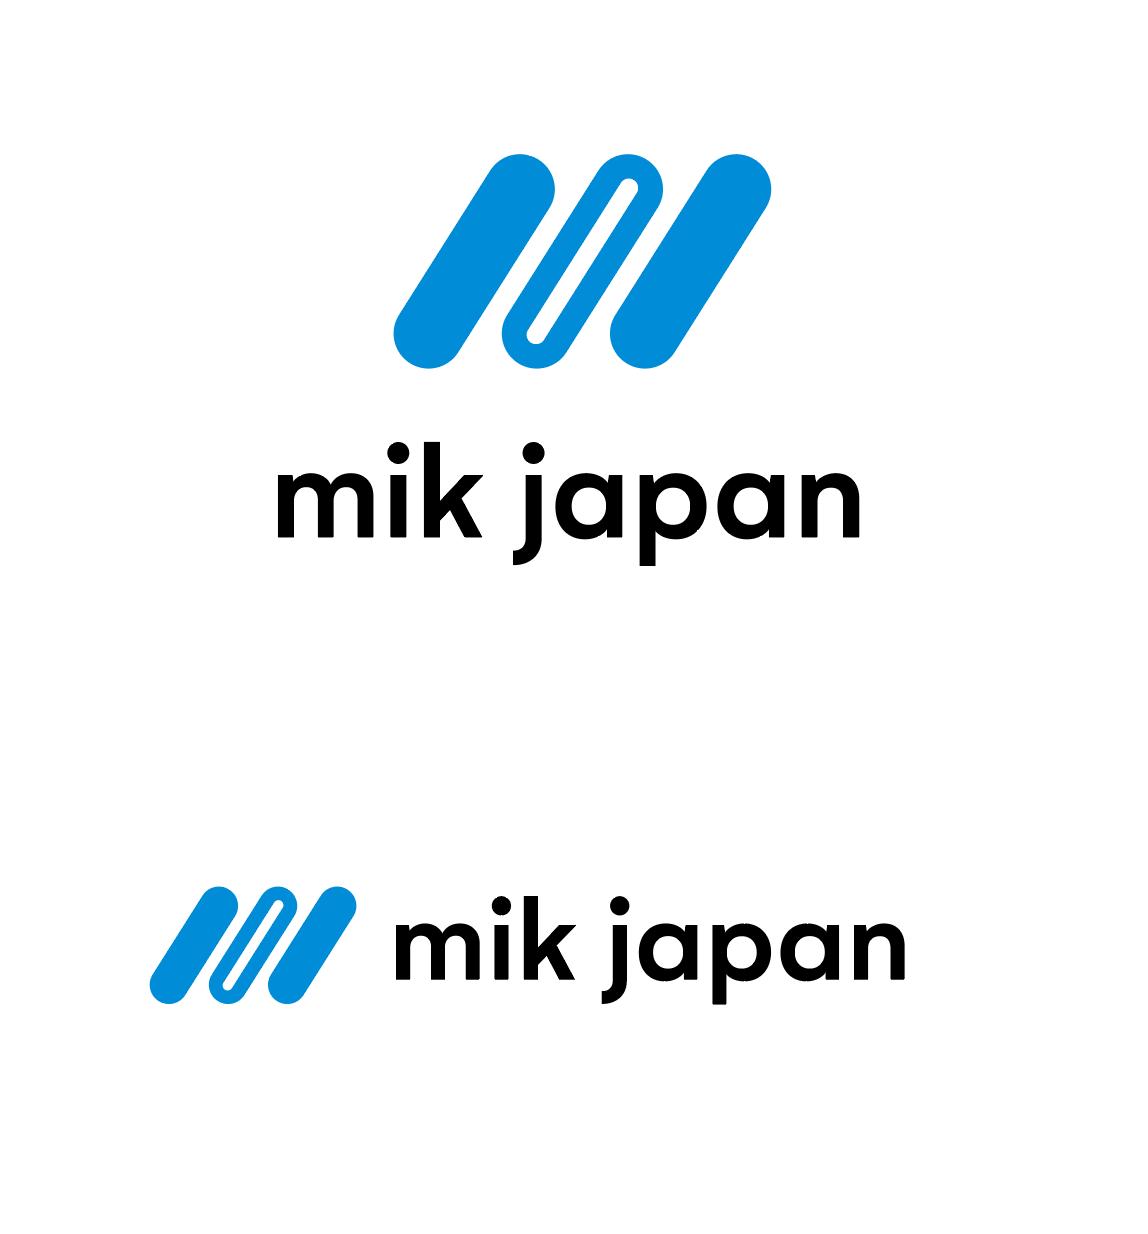 mikjapan_logo